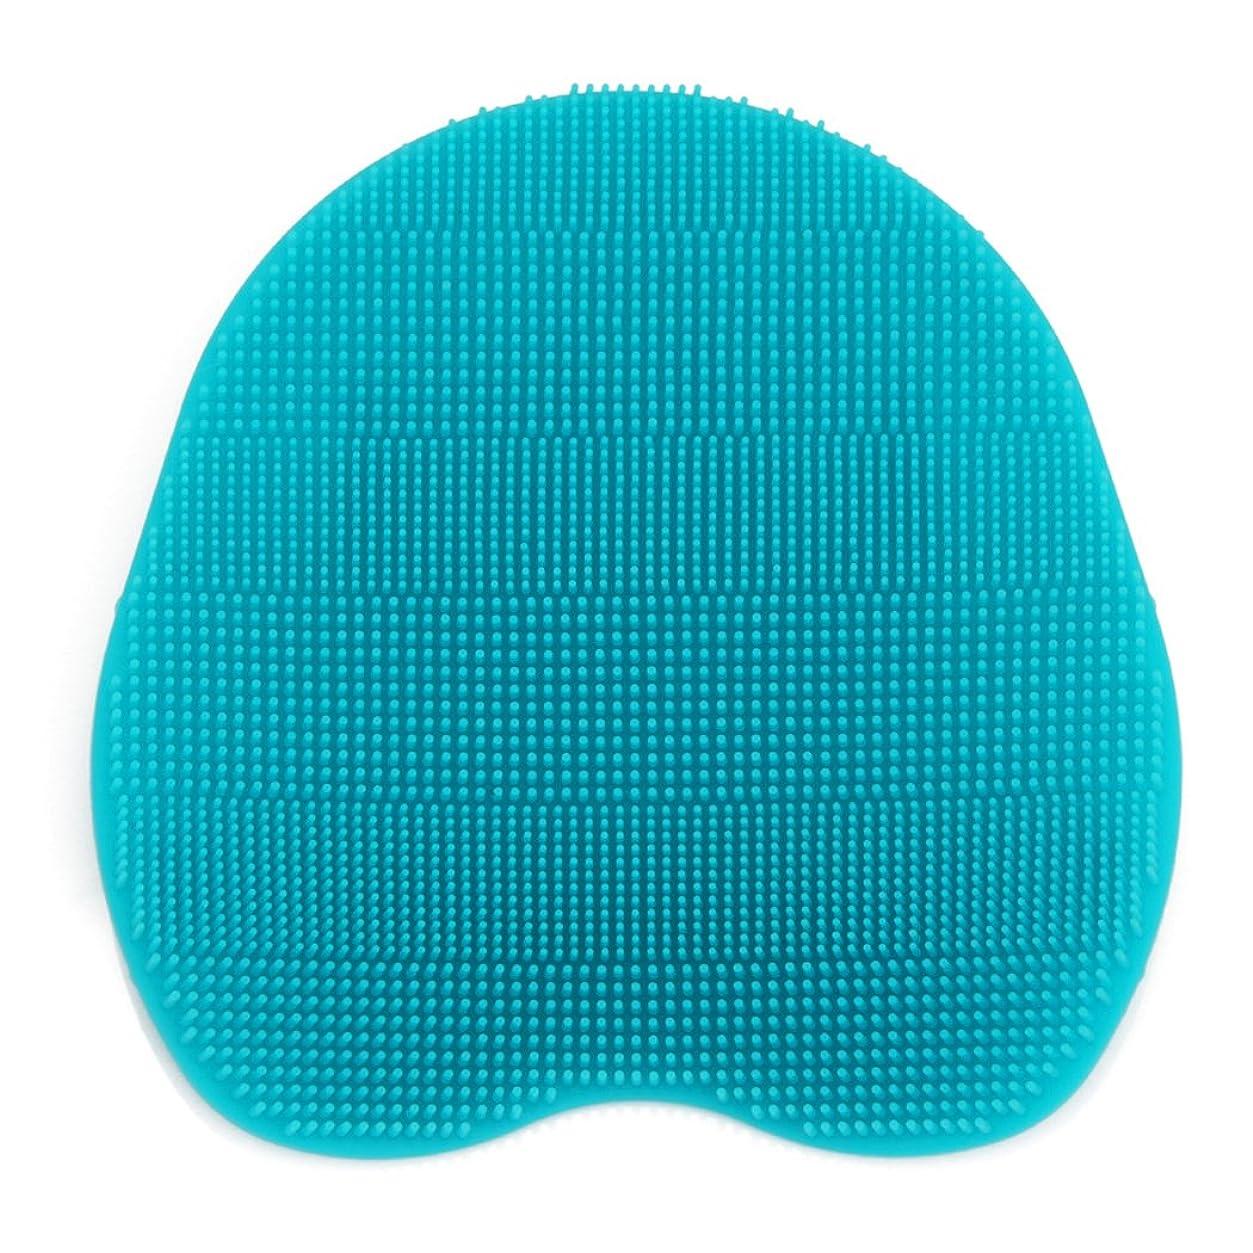 ステレオタイプピカリング慢なKapmore シリコンブラシ ウォッシュ ボディブラシ マッサージ シャワー 肌にやさしい 体洗い 風呂 フットケア 4色選択可能 衛生 角質取り 毛穴清潔 泡立ち 多機能 (シアン)